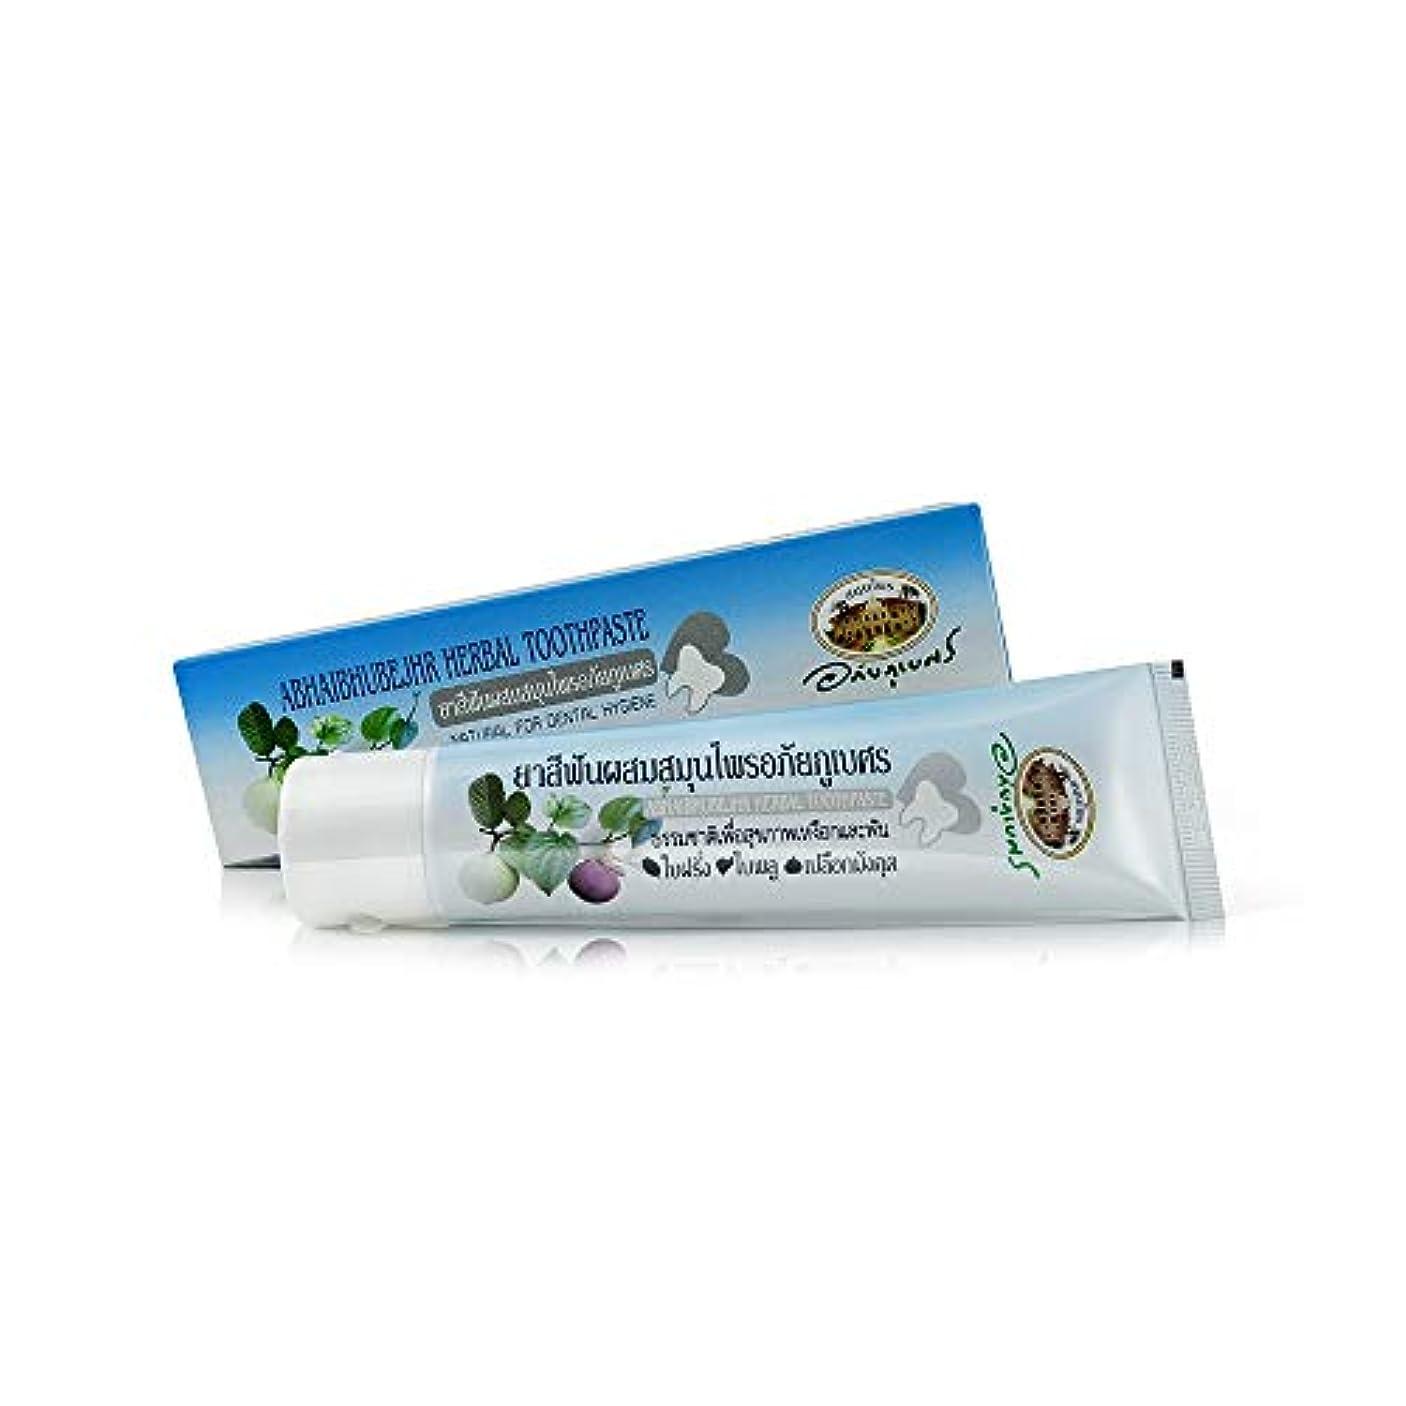 ランドリー負荷管理Abhaibhubejhr Herbal Toothpaste Natural For Dental Hygiene 歯科衛生のためのAbhaibhubejhrハーブ歯磨き粉ナチュラル (70g)